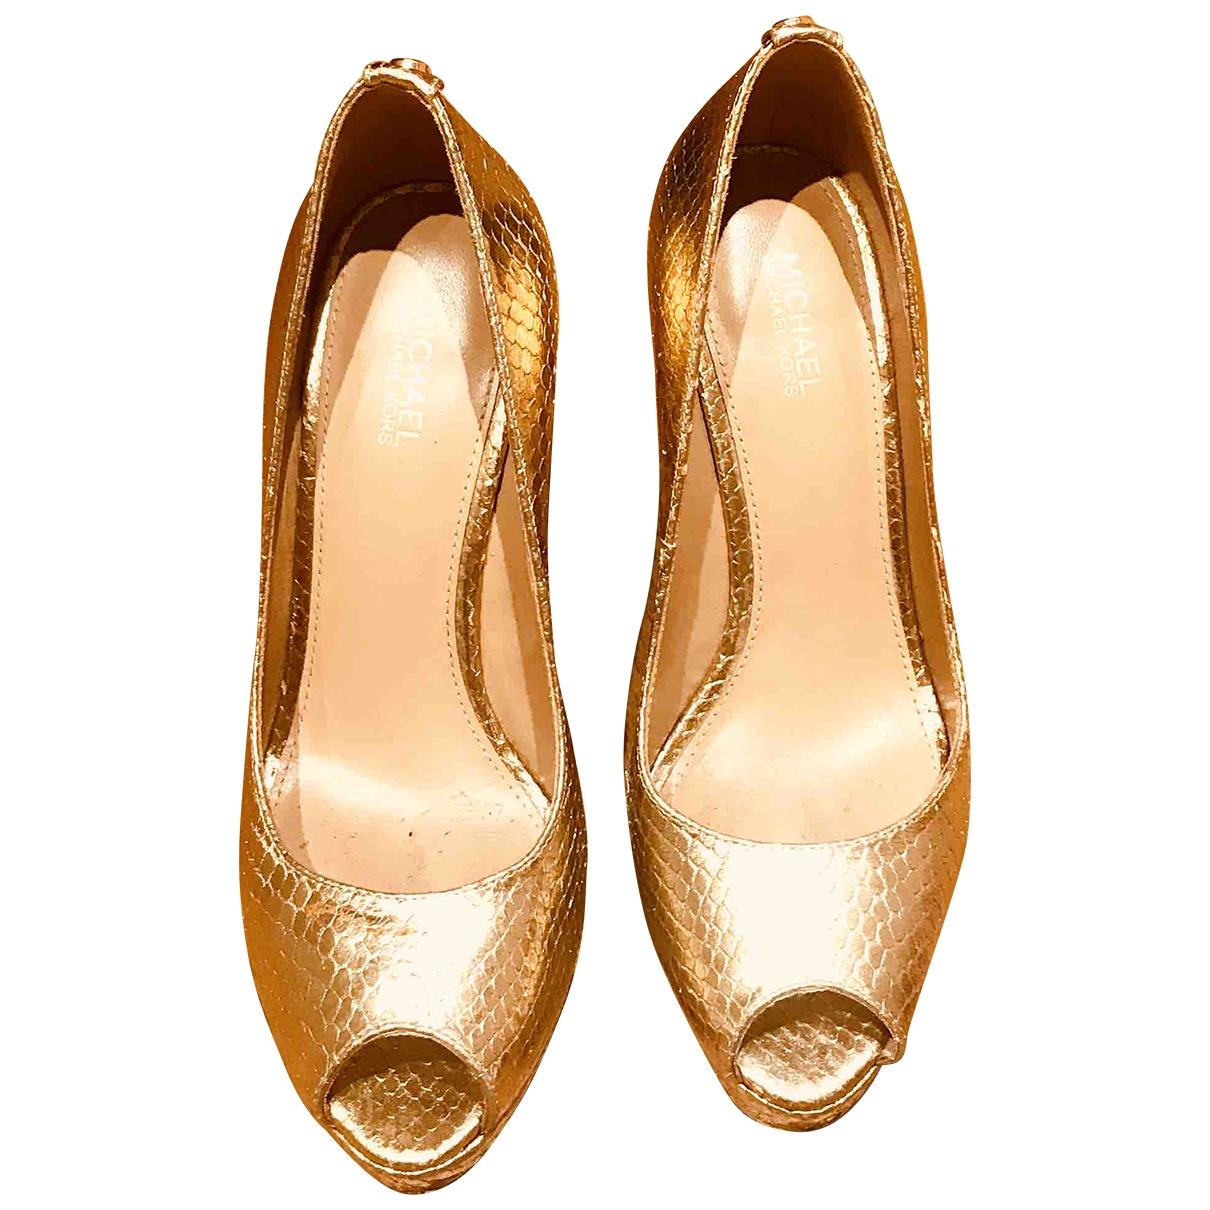 Michael Kors \N Gold Glitter Heels for Women 6 US